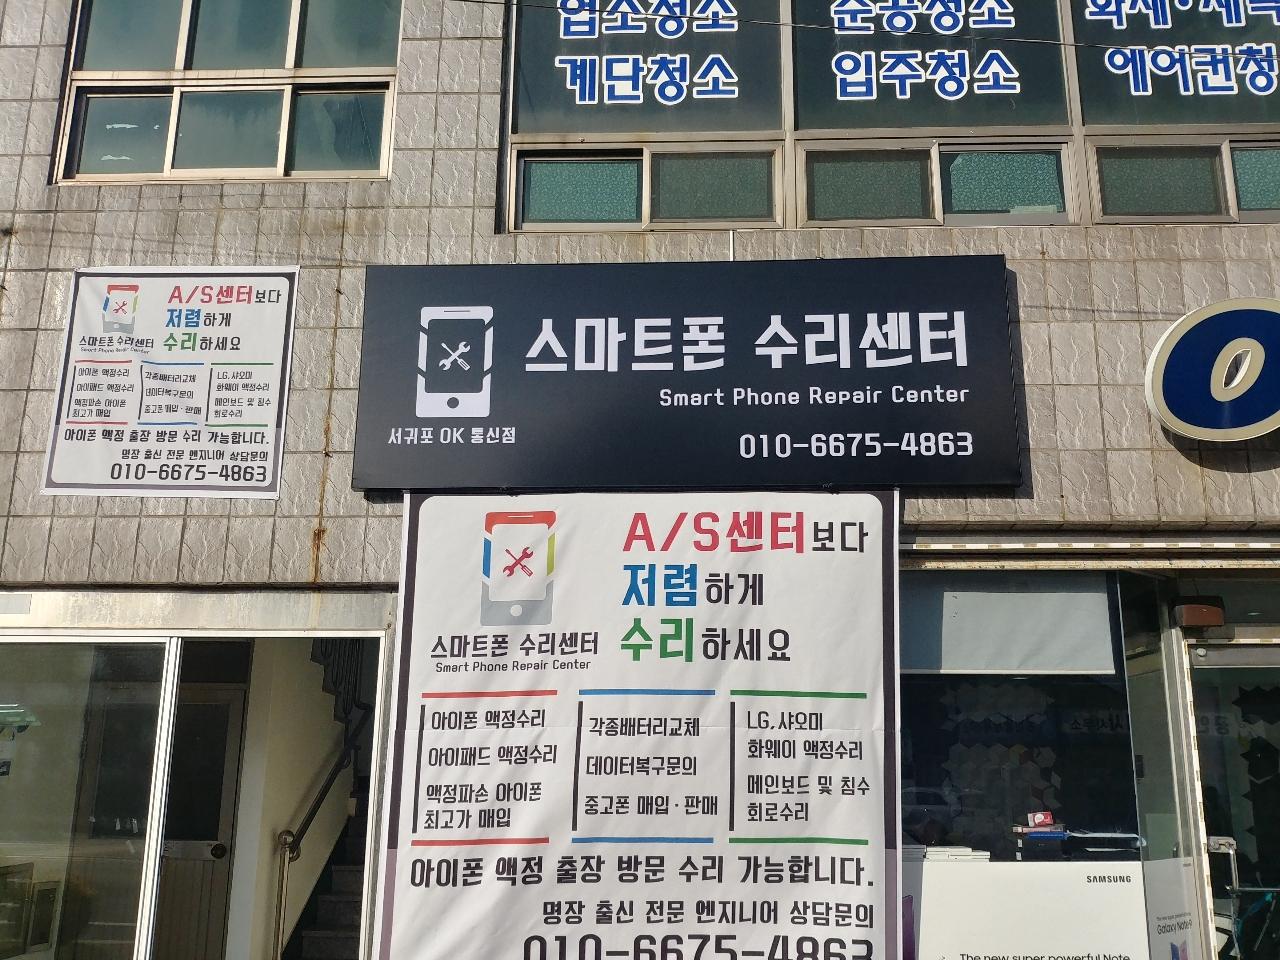 서귀포 스마트폰 수리센터